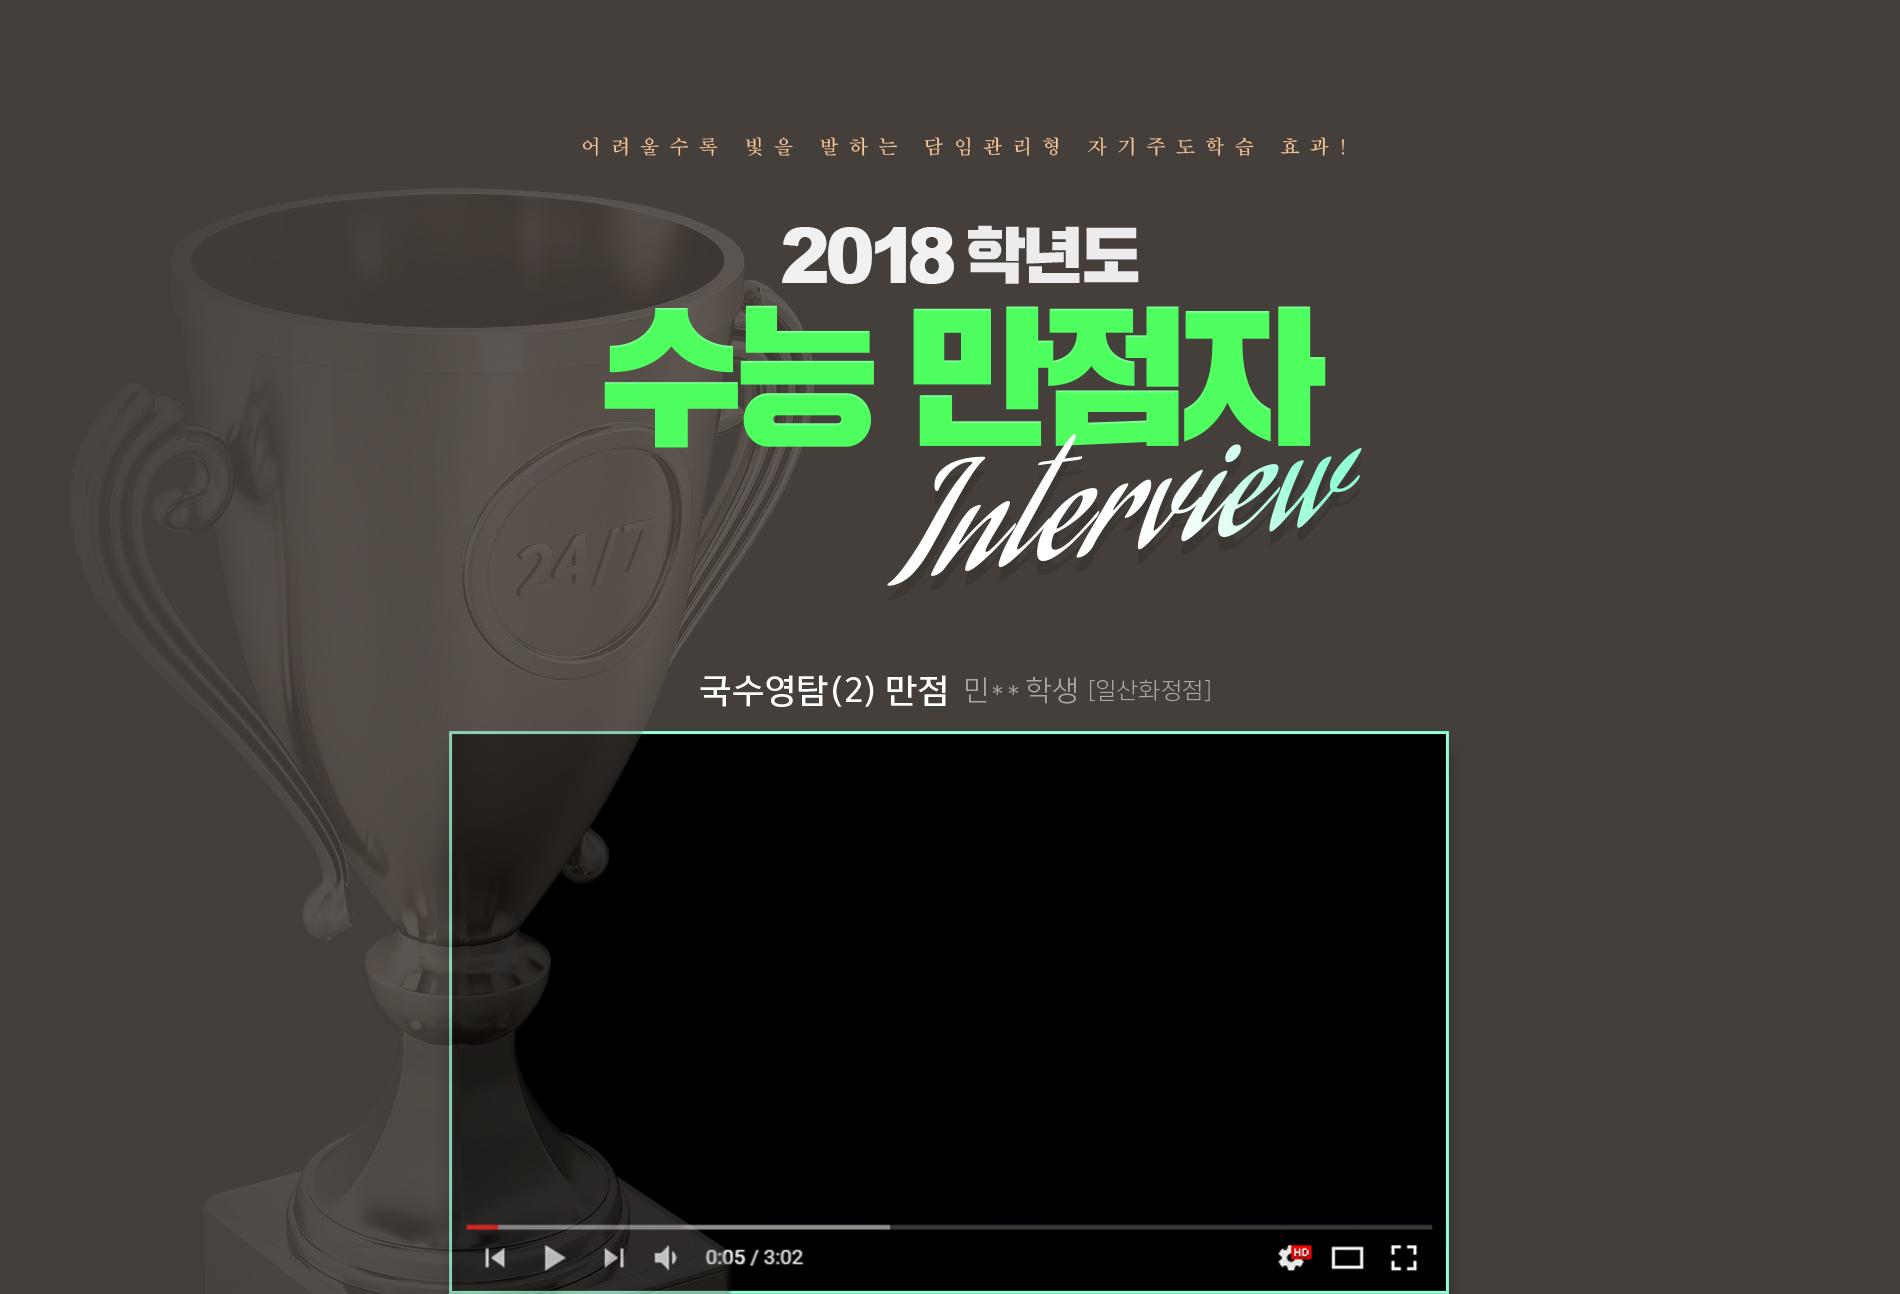 2018 학년도 수능 만점자 인터뷰